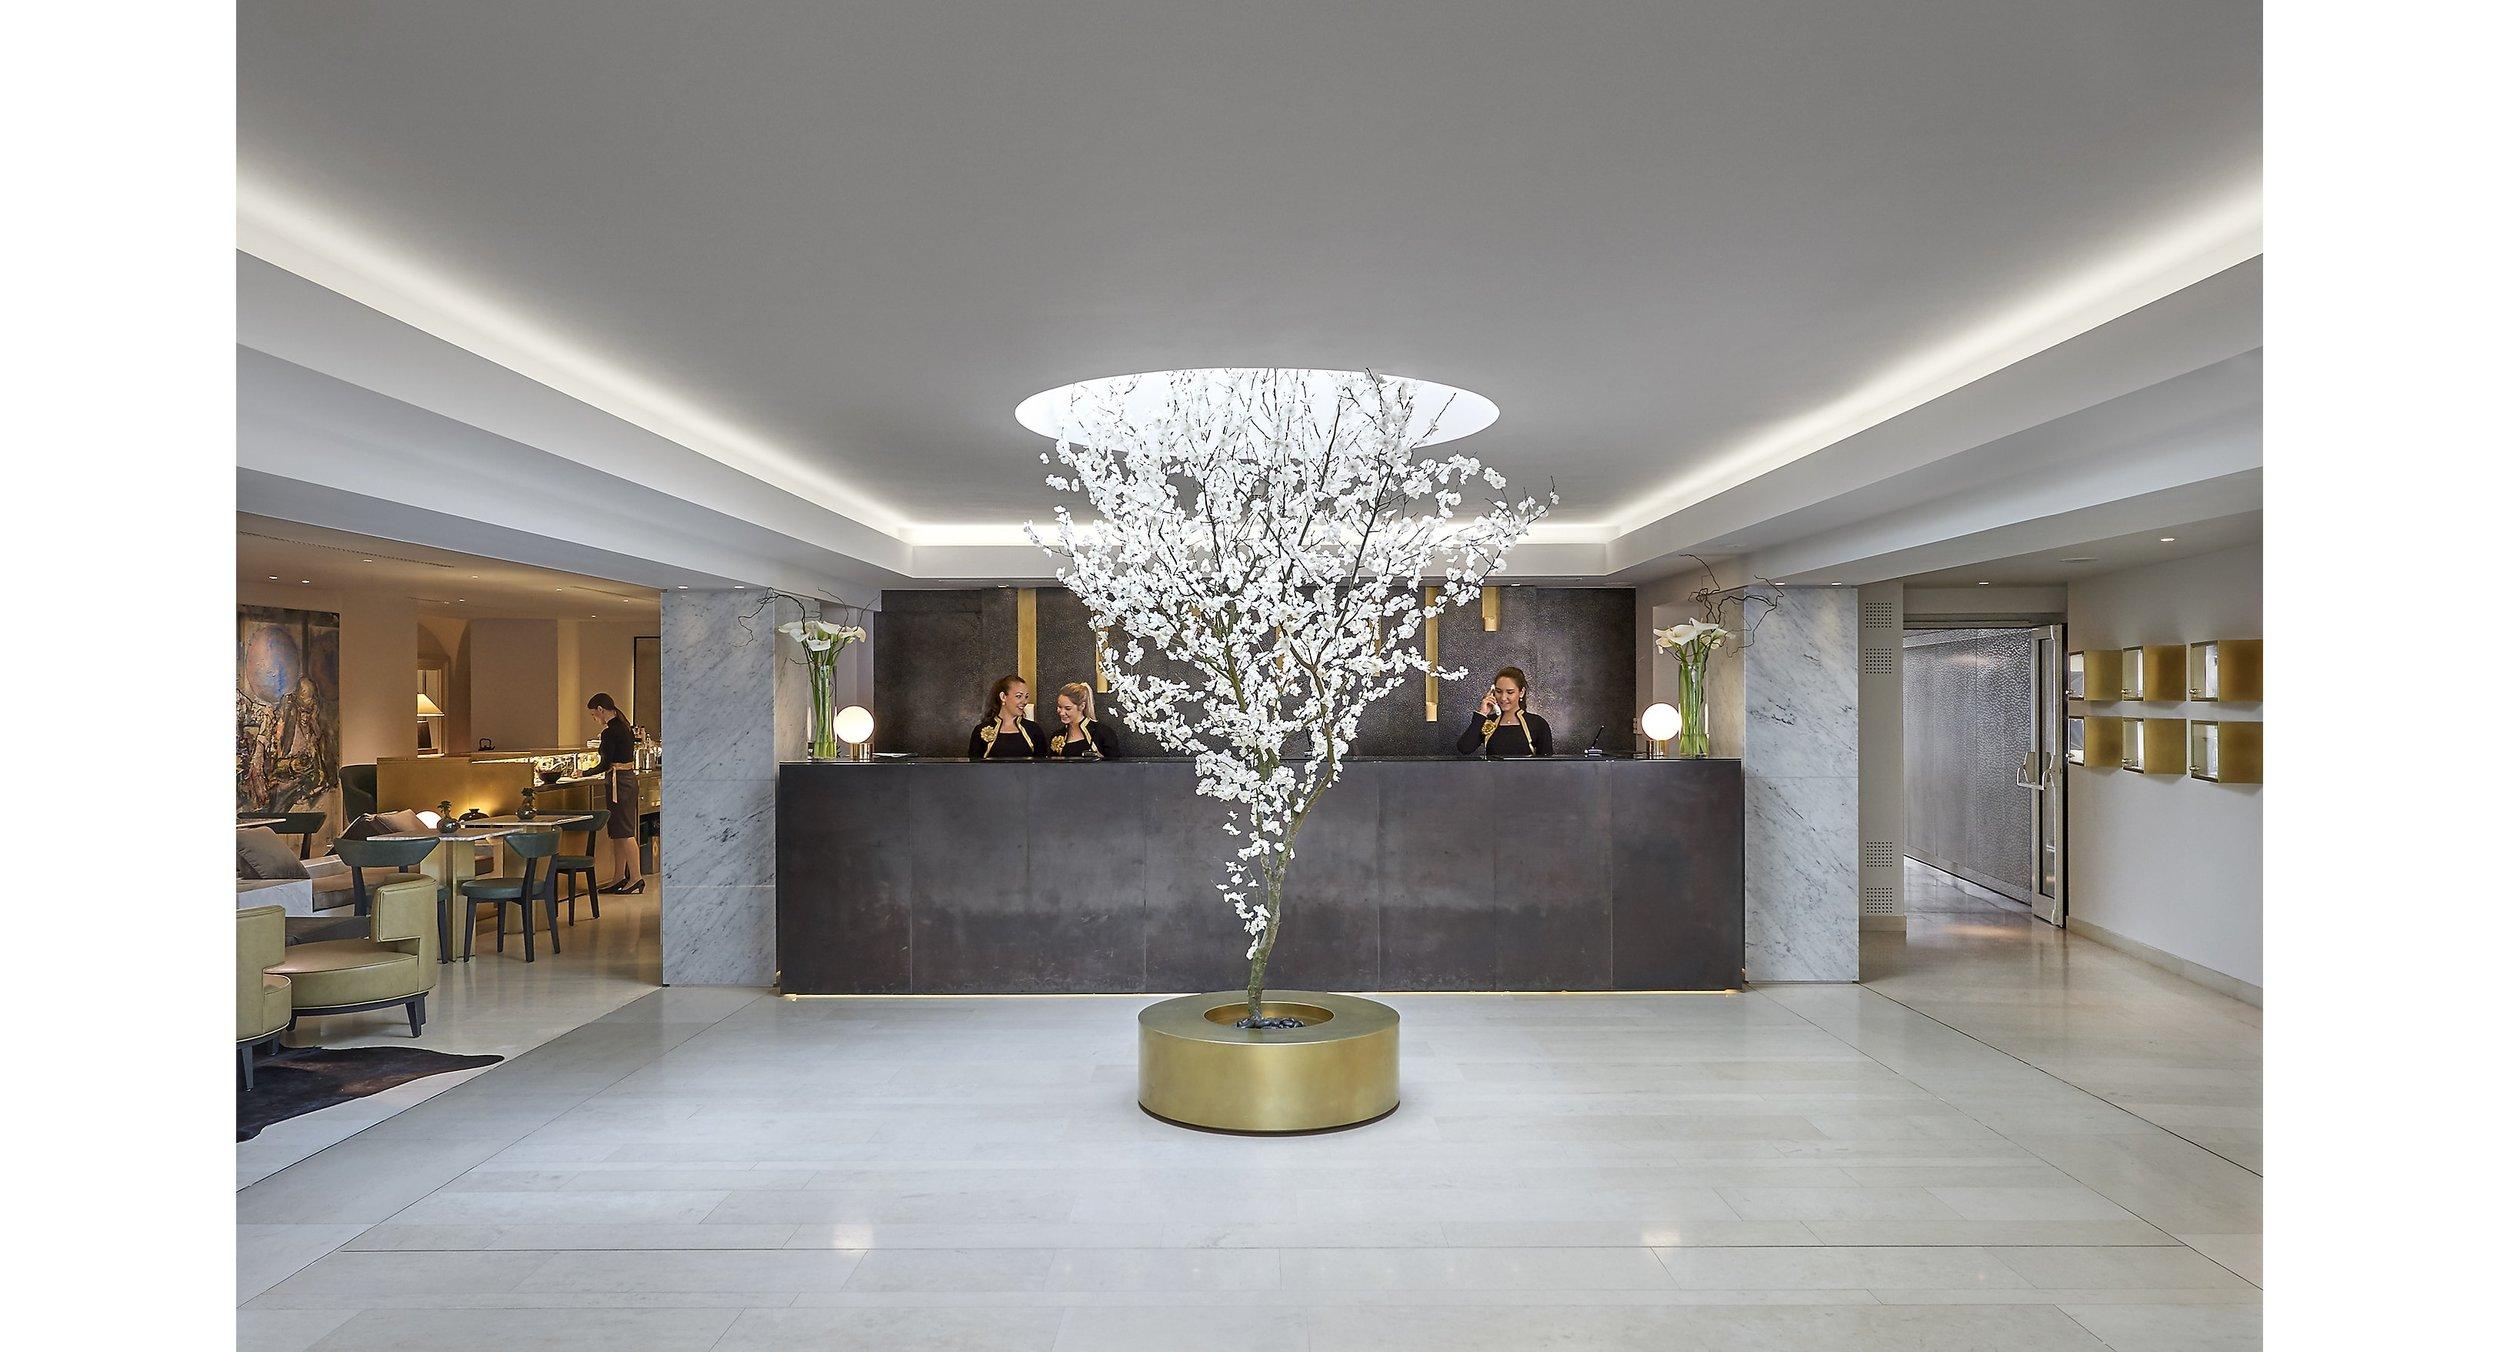 prague-15-hotel-lobby-min.jpg